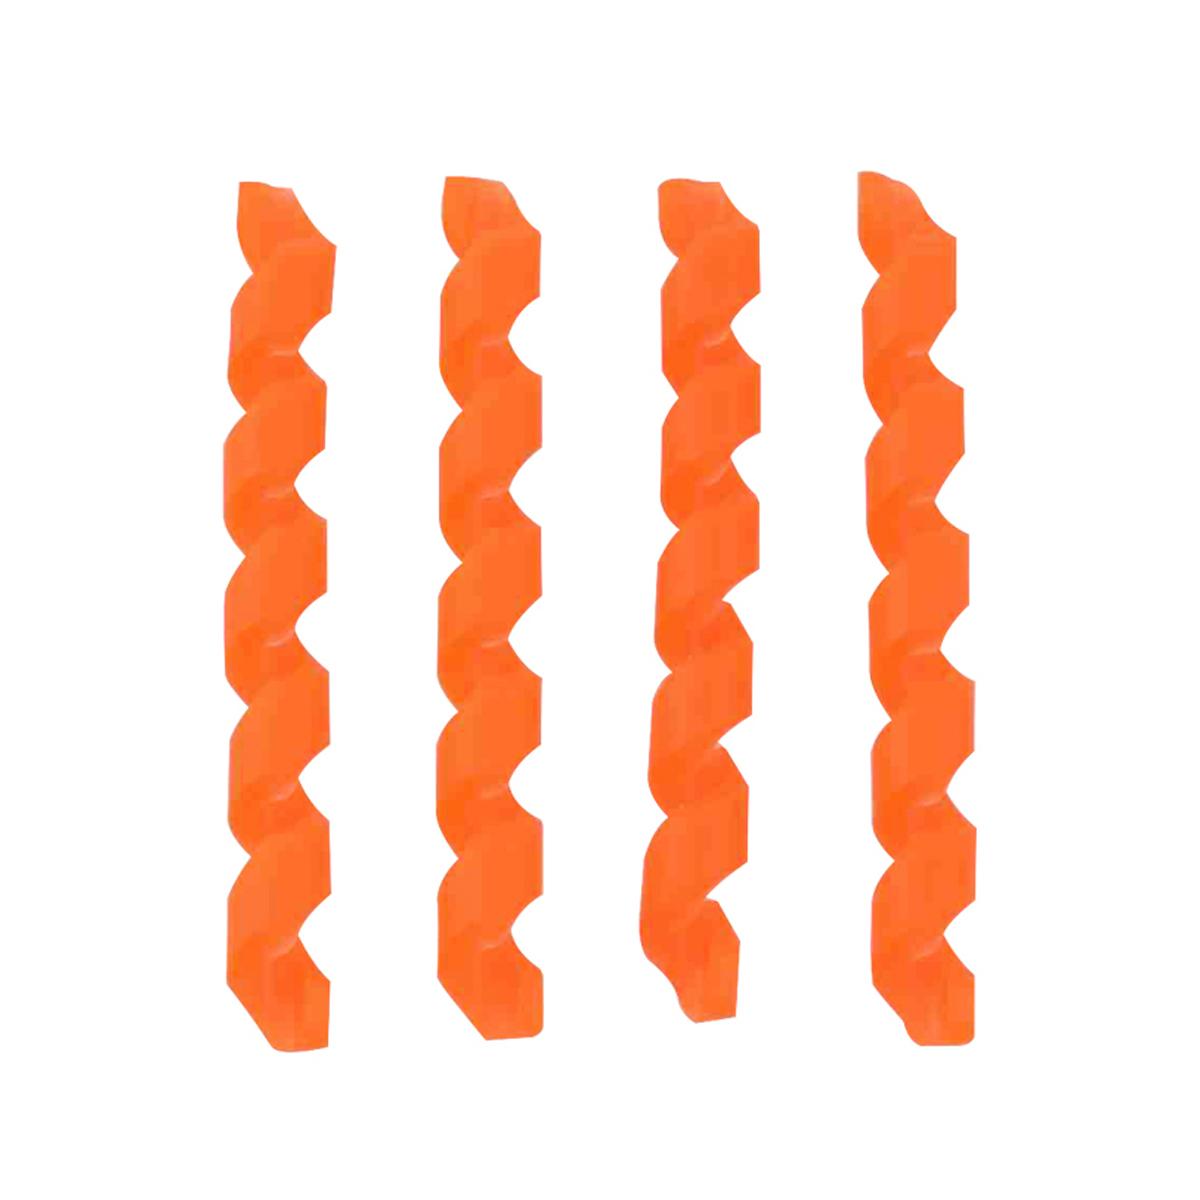 NOGUCHI(ノグチ)フレームプロテクター 蛍光オレンジ